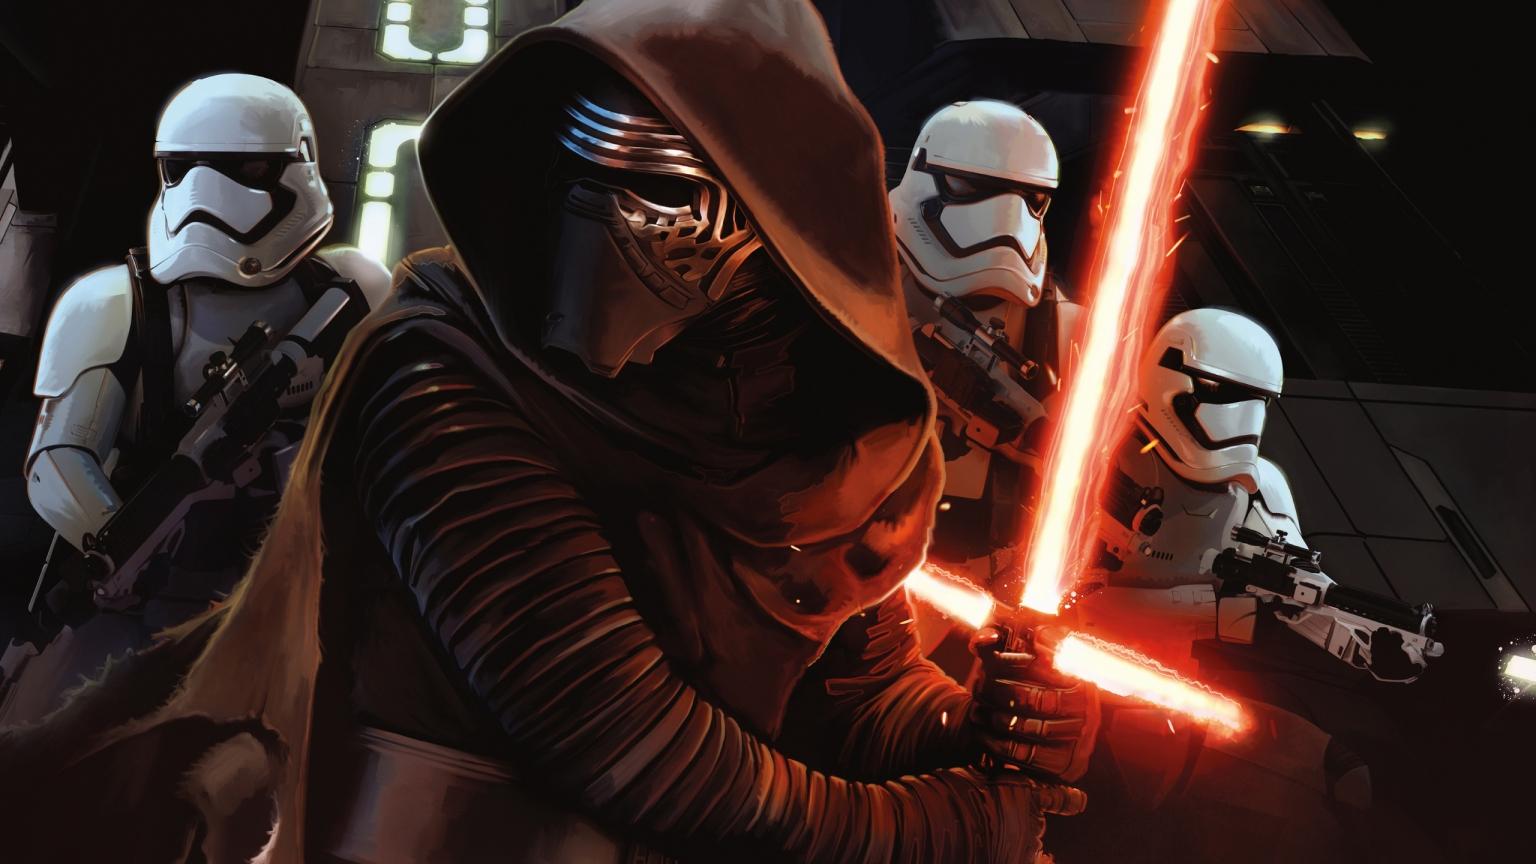 Star Wars The Force Awakens Anime 1536 X 864 Hdtv Wallpaper